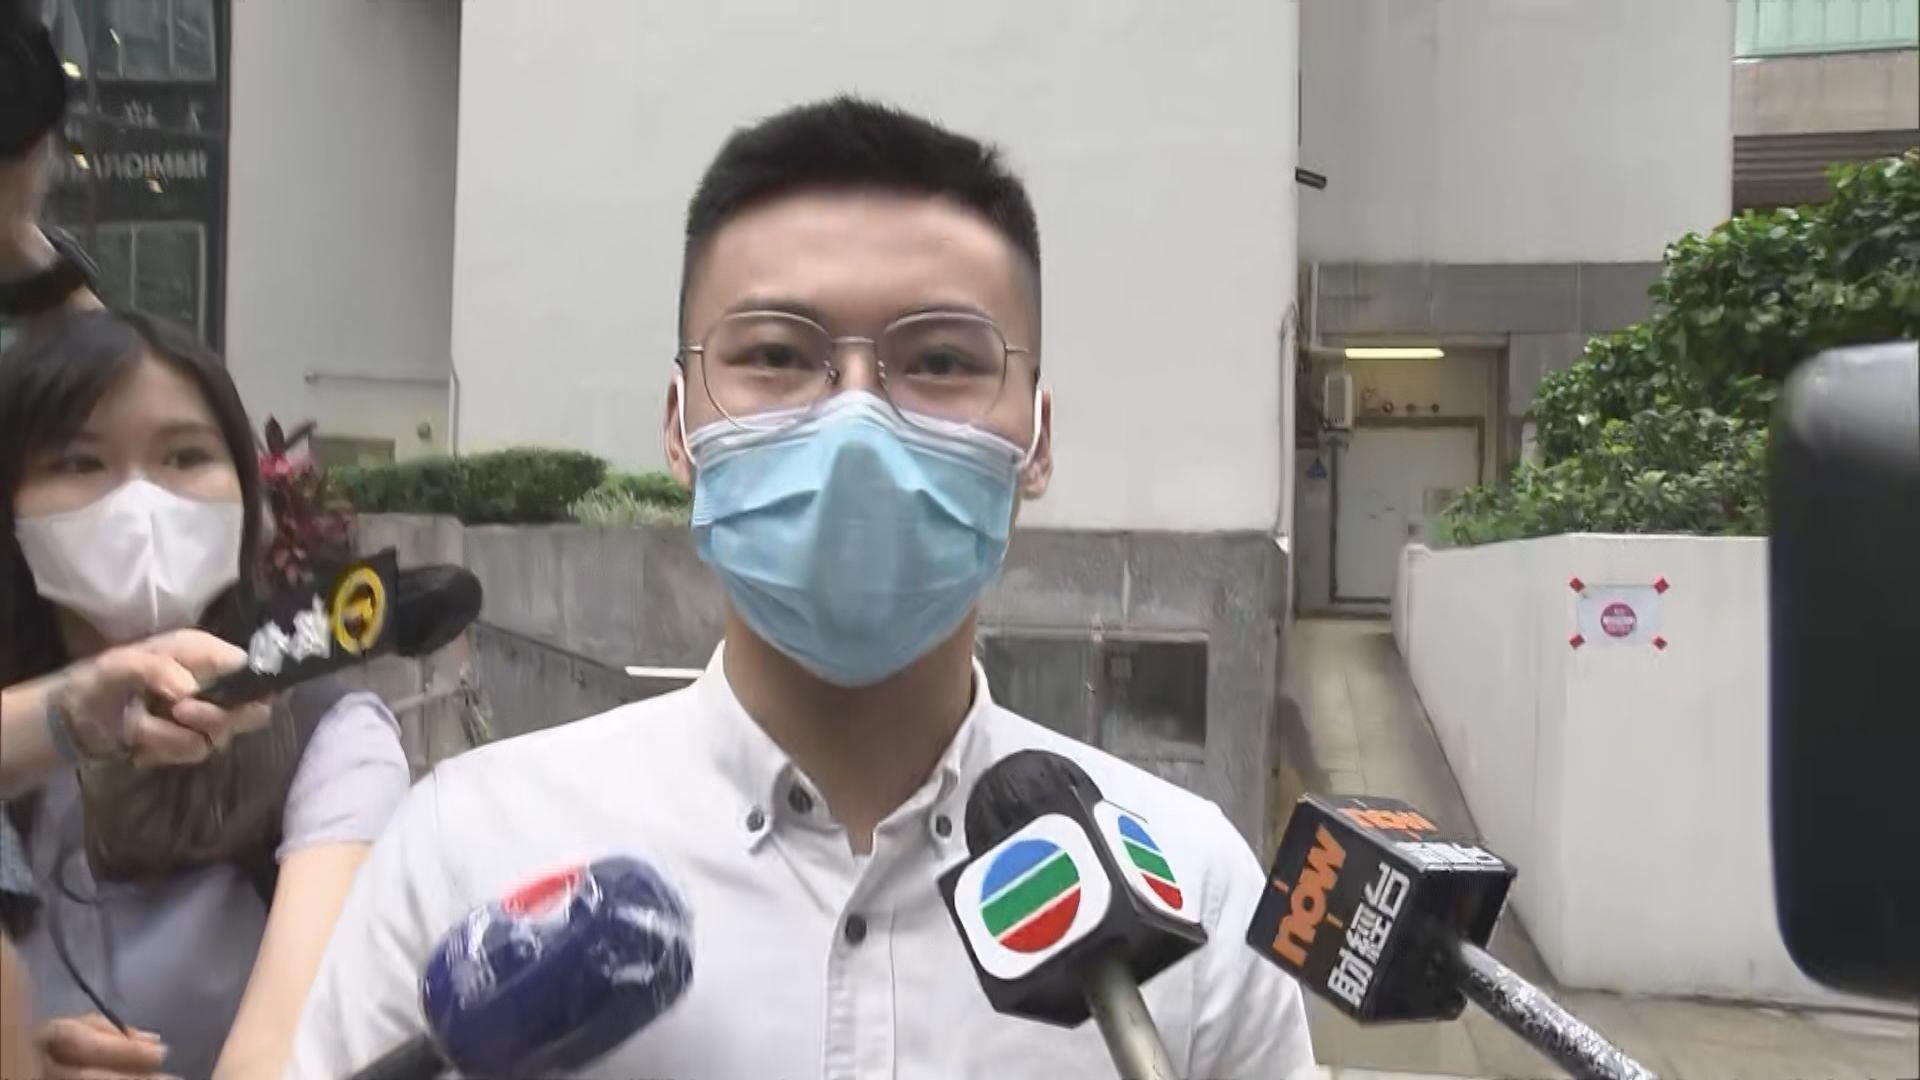 廿歲學生被控去年十一黃大仙暴動 罪名不成立